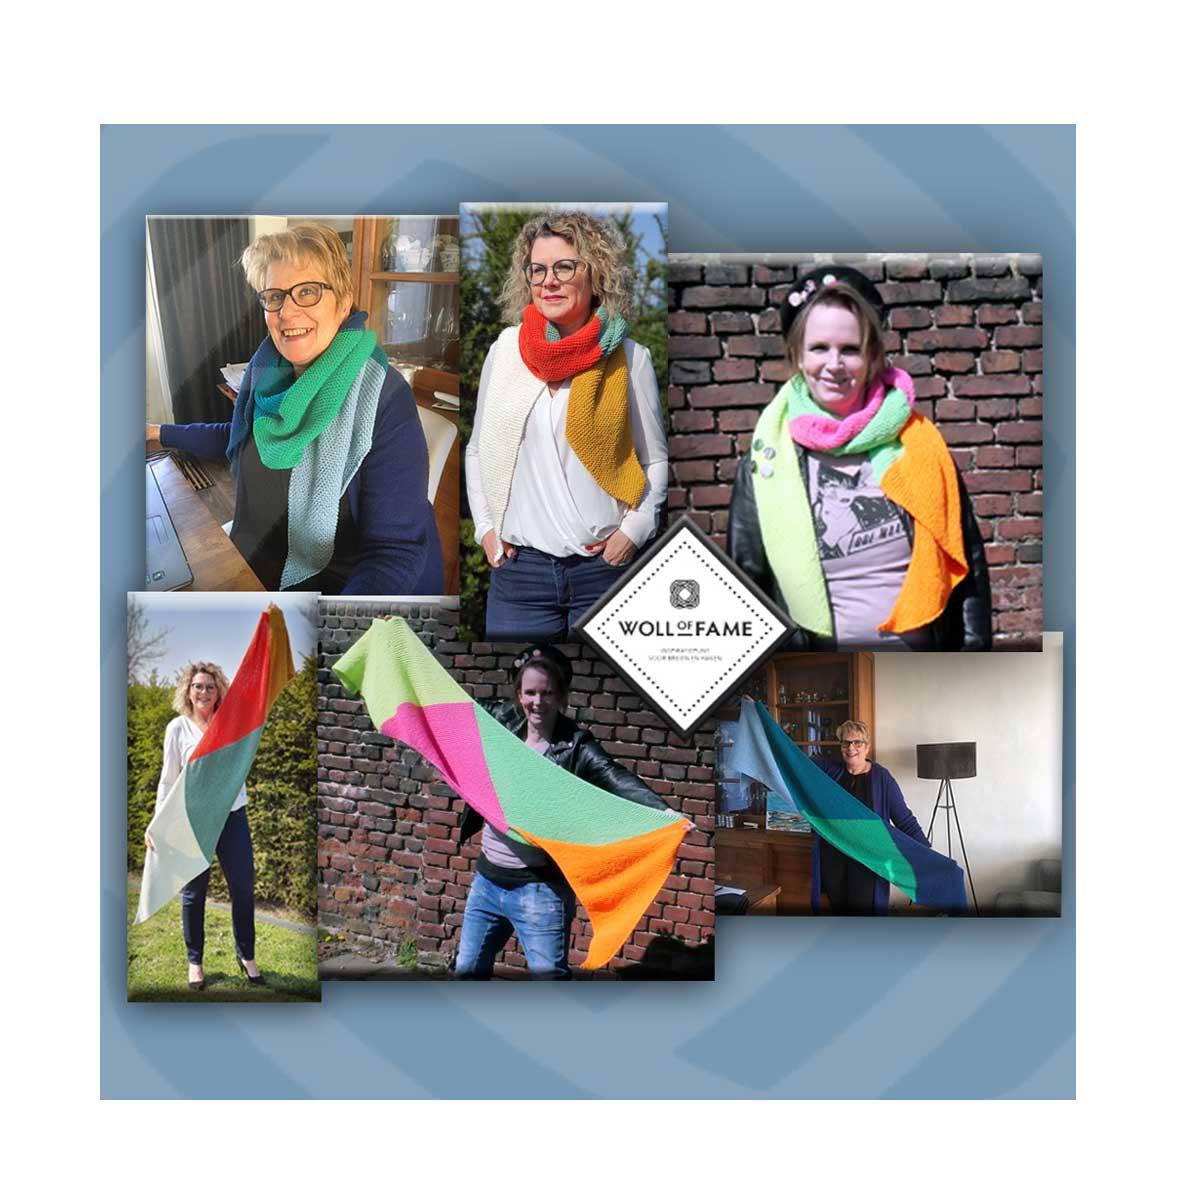 #ikhebgeenzinomheminelkaartezetten 4-Us sjaal